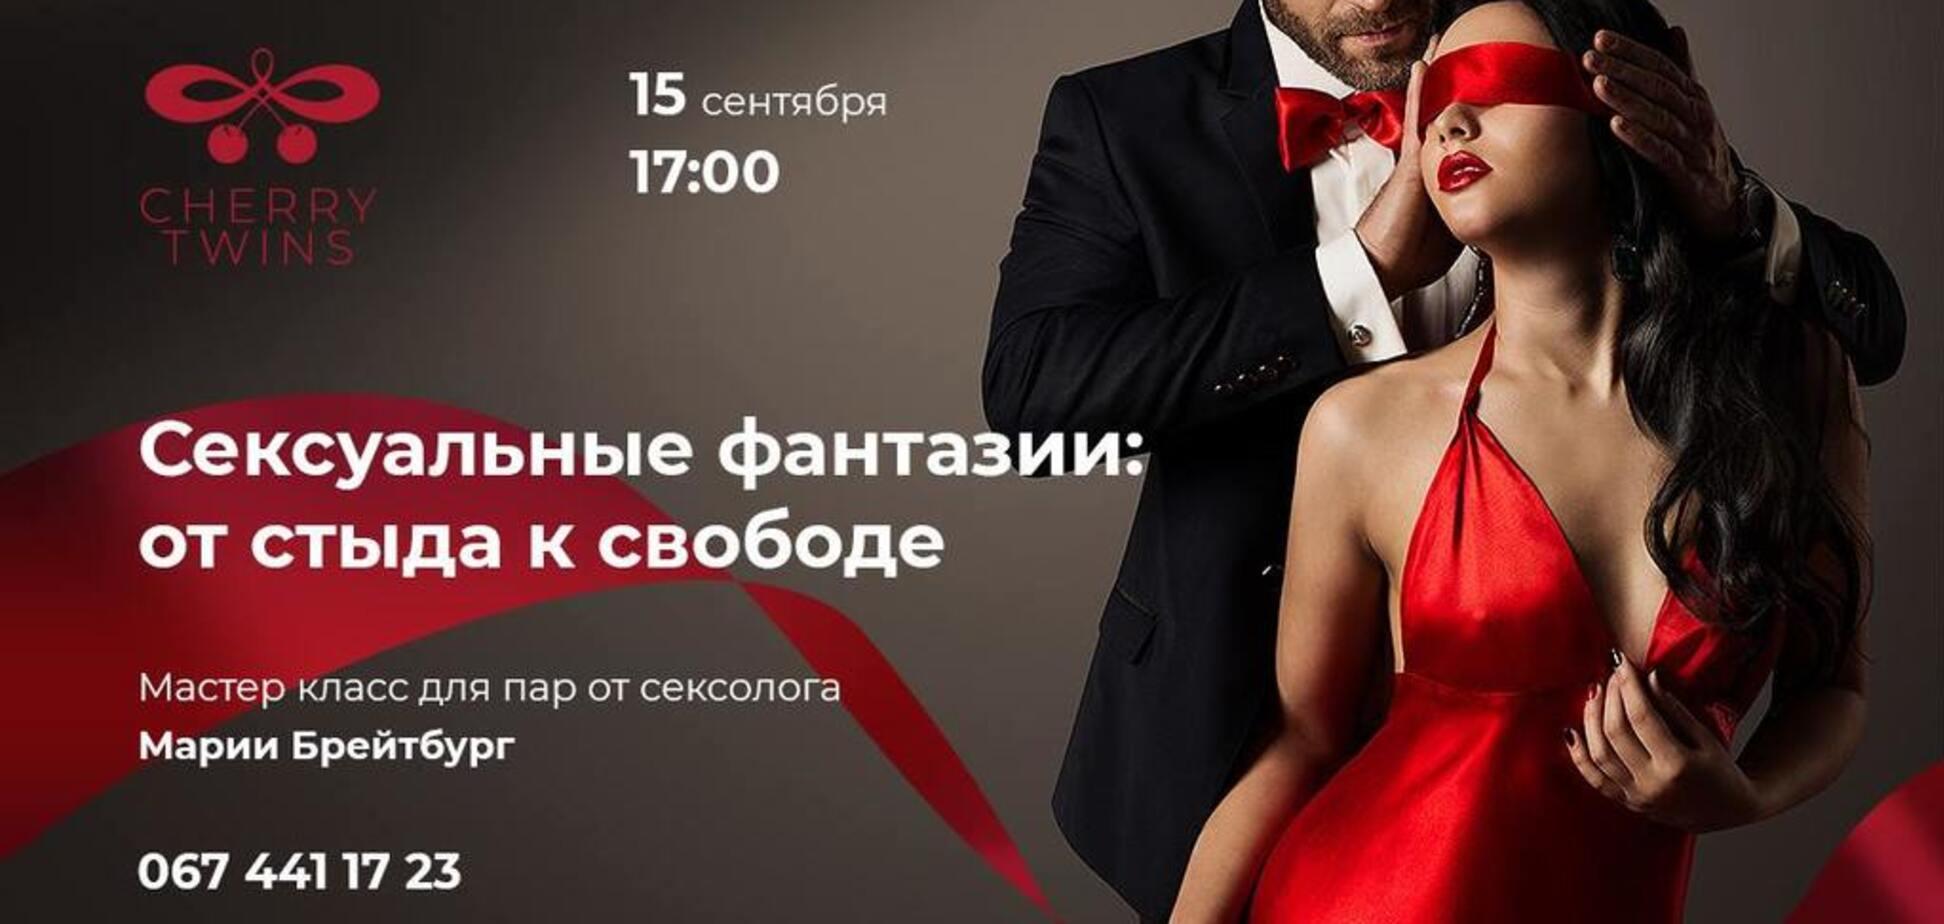 В Киеве пройдет мастер-класс по реализации сексуальных фантазий